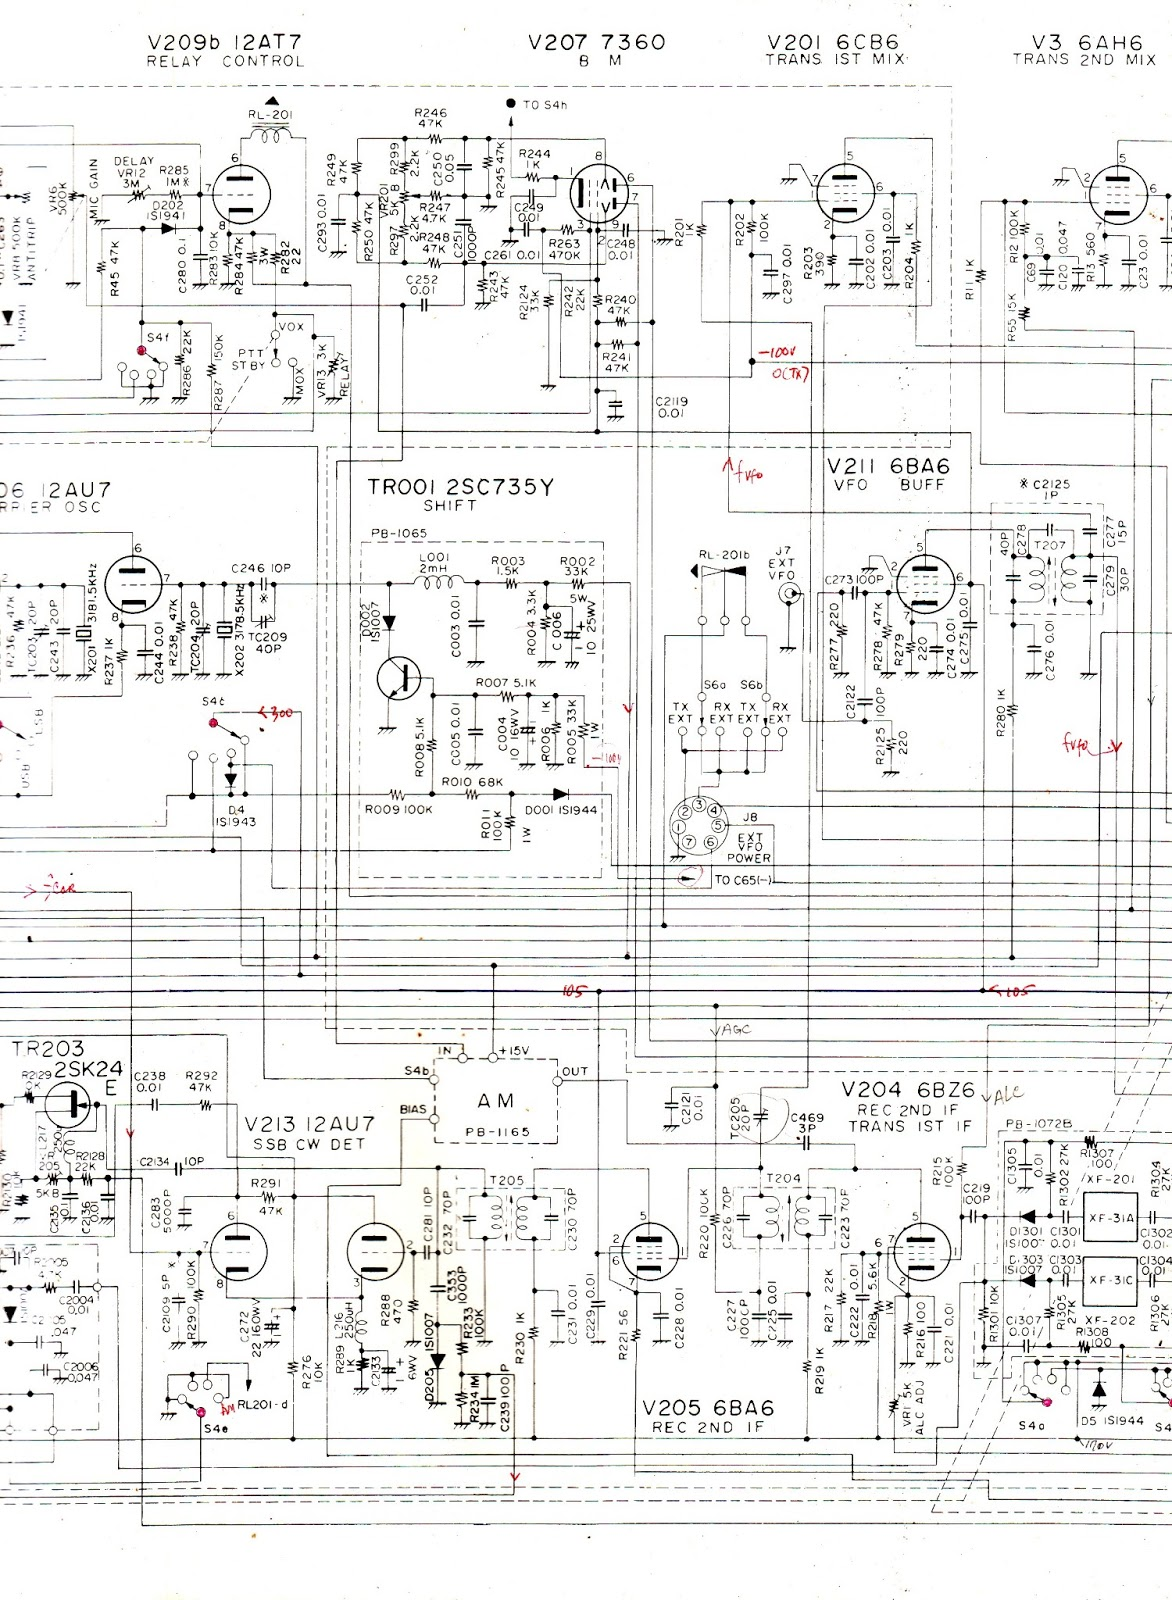 Yb4ga ham radio station sirkuit if amplifier dan lainnya yang berhubungan tampak tc205 20 pf yang terhubung dari t204 dan grid1 v205 ke grid1 dari v201 6cb6 via r201 1kohm ccuart Image collections